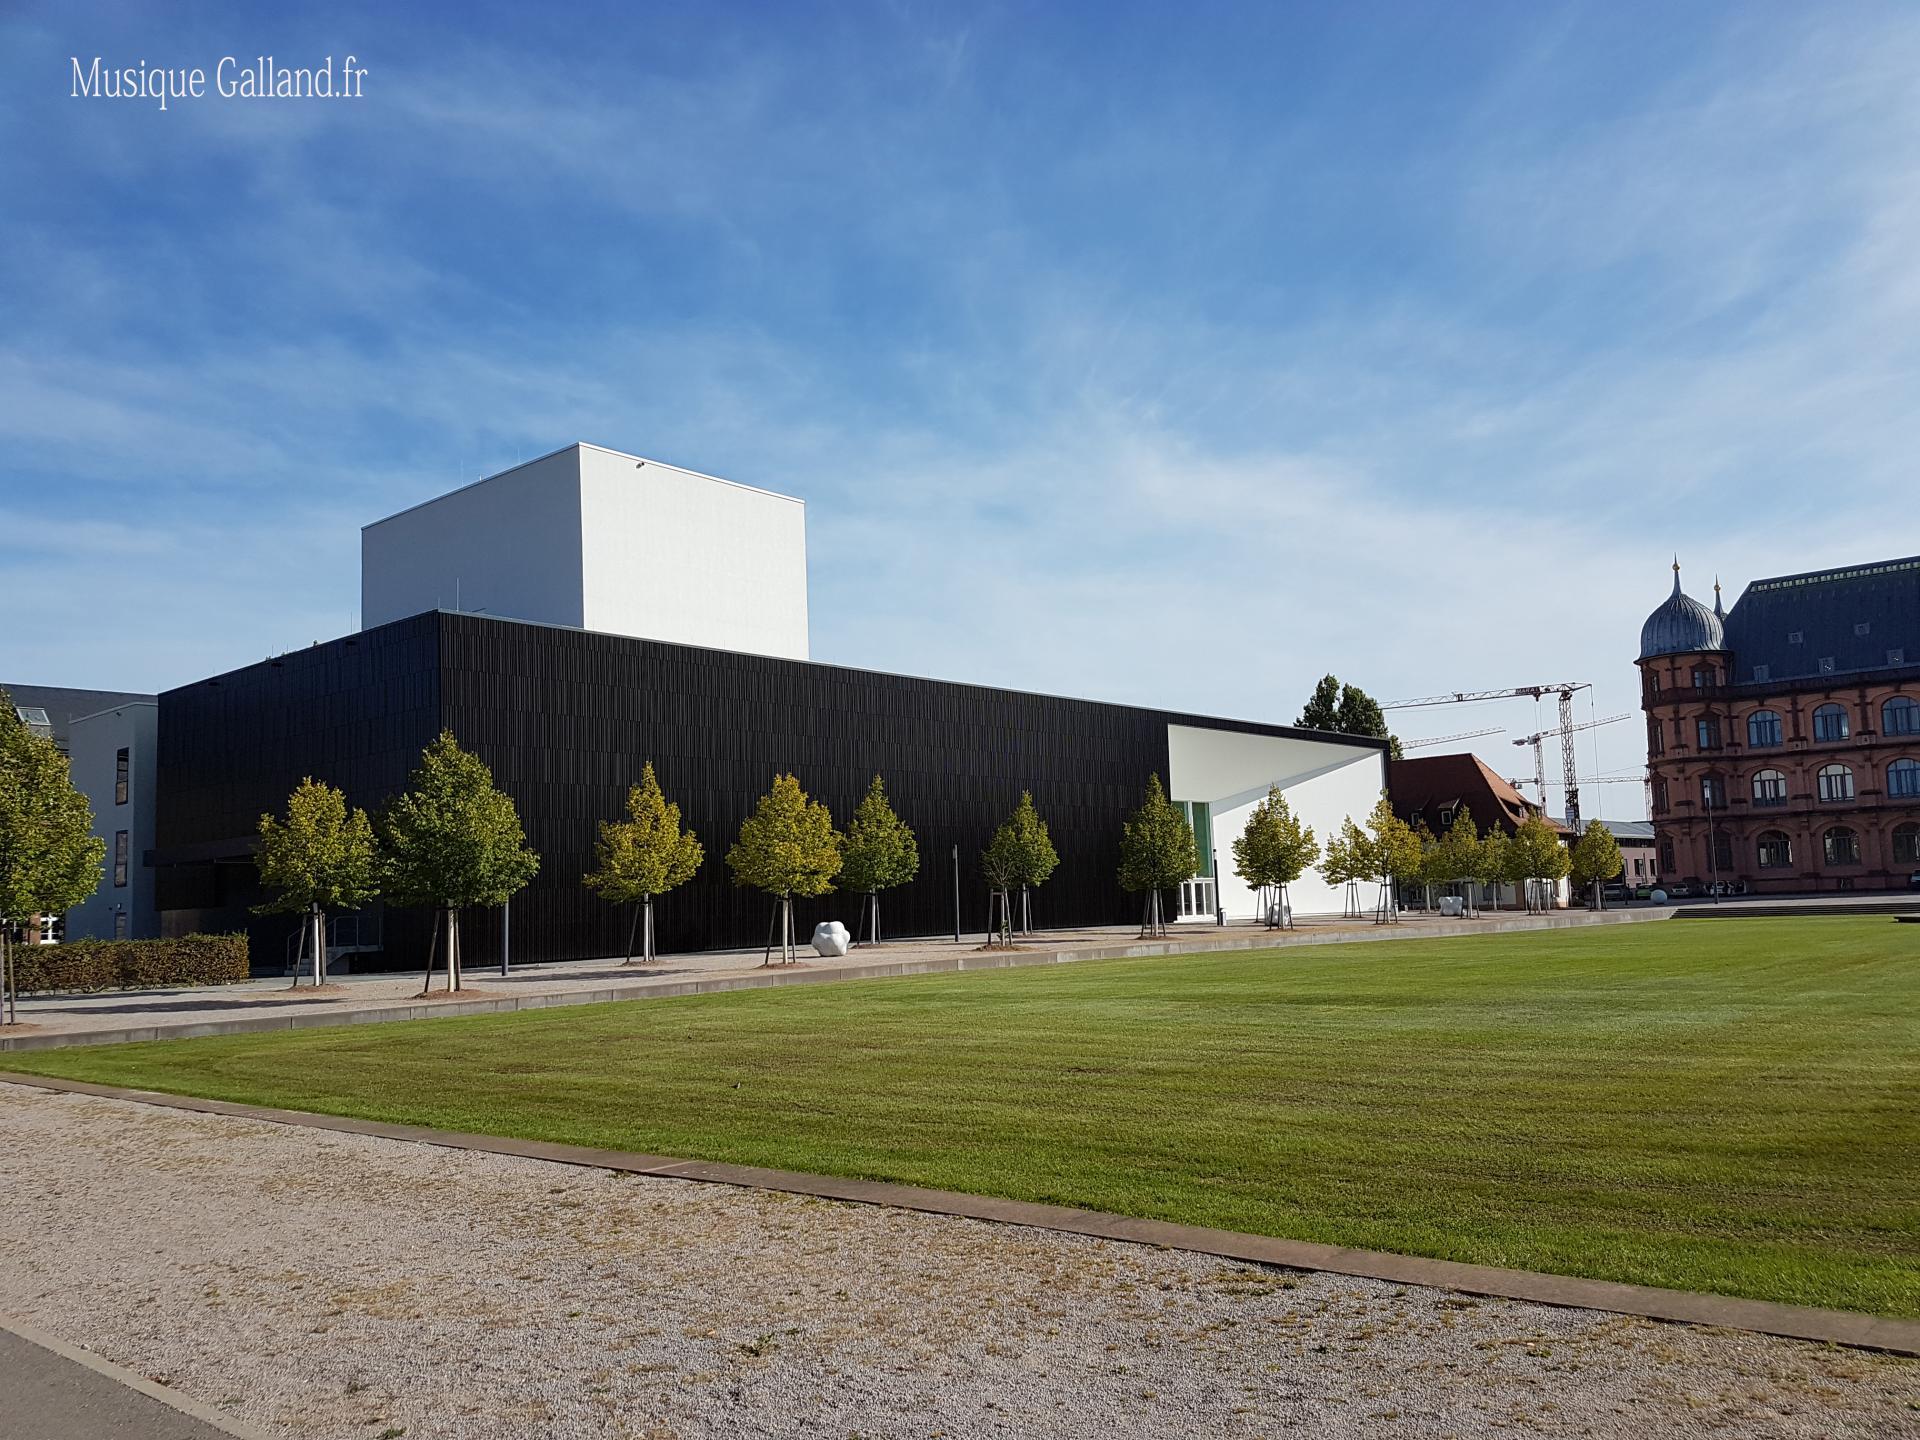 Die Hochschule für Musik Karlsruhe - University of Music